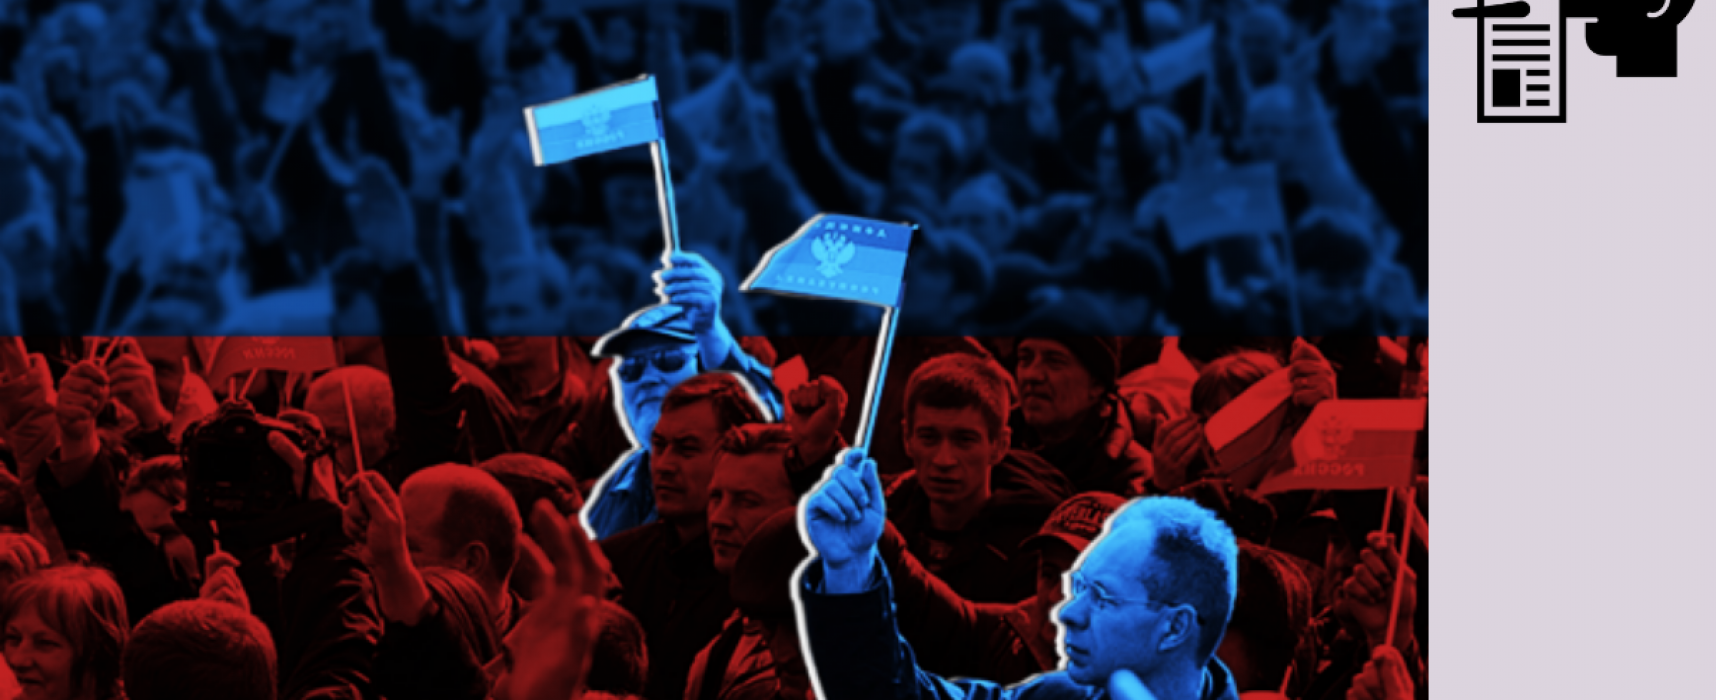 Fake: Wielka Brytania wesprze zwycięstwo prorosyjskiego kandydata w wyborach prezydenta na Ukrainie